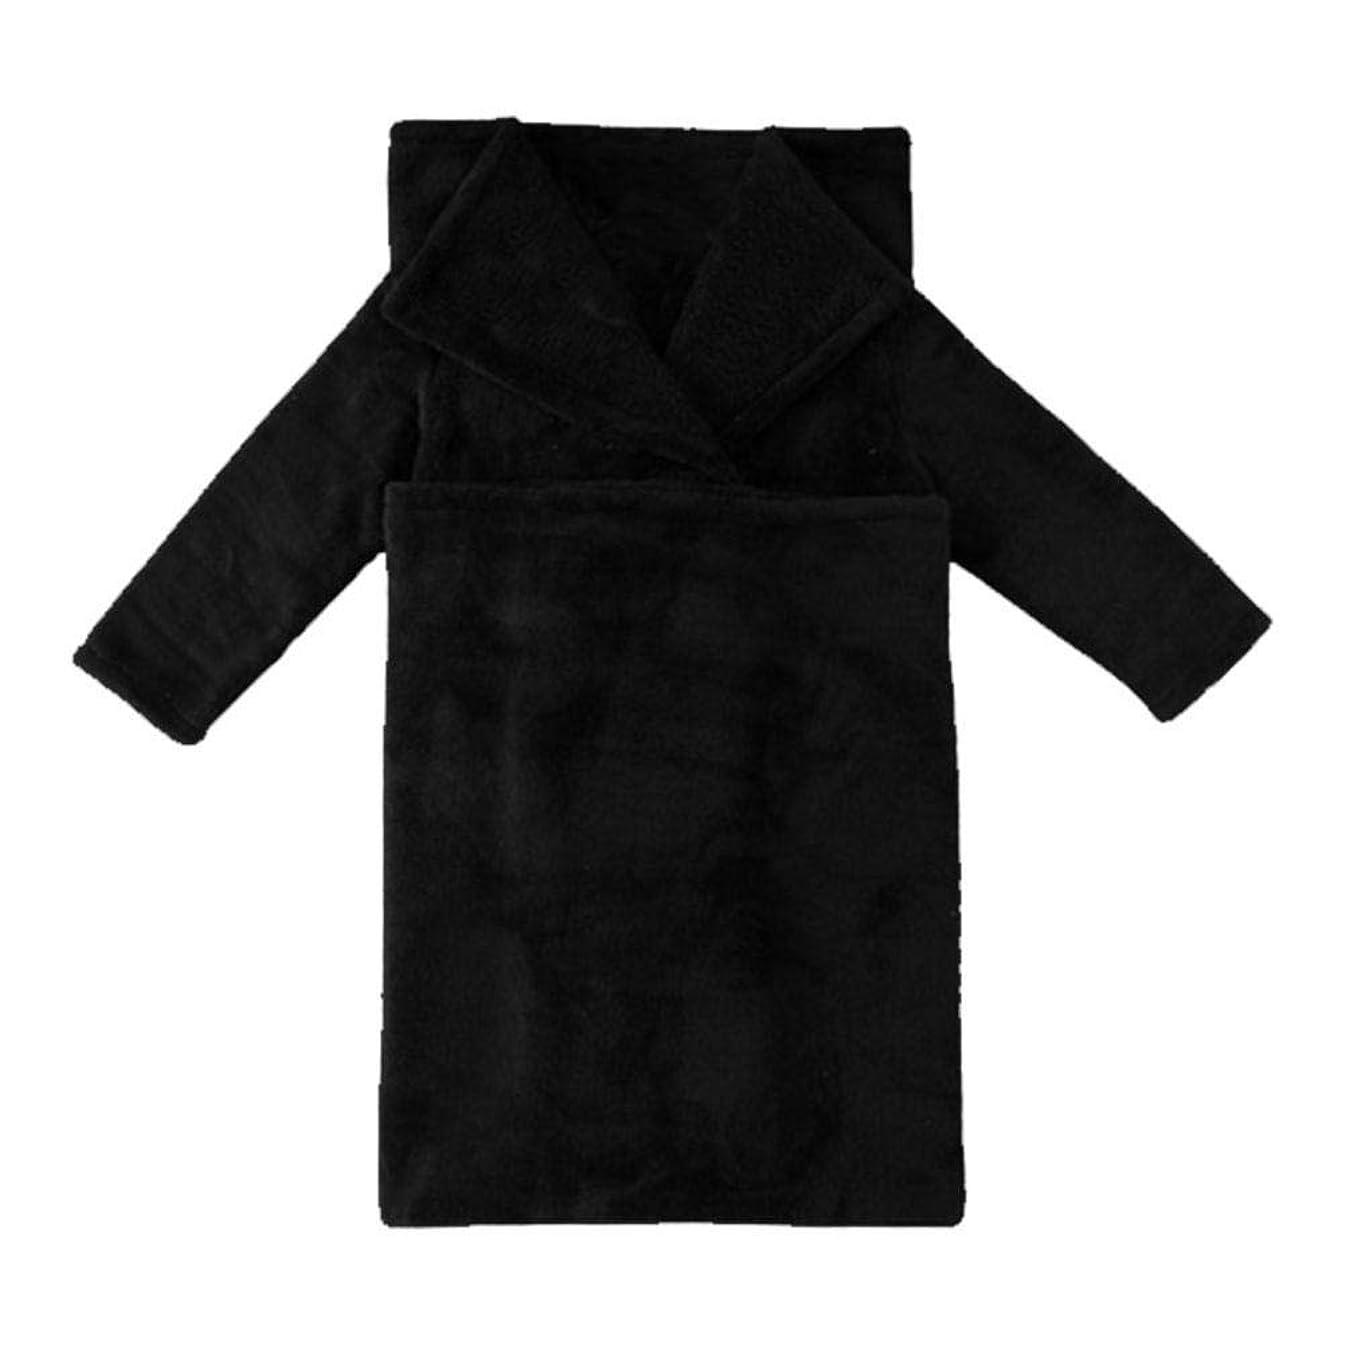 みなさん行商人蘇生するshopparadise 着る毛布 あったか ルームウェア ブランケット 袖付き毛布 着るブランケット防寒 冬の寒さ 足先の冷えや節電対策に!男女兼用 着丈 180cm/200cm